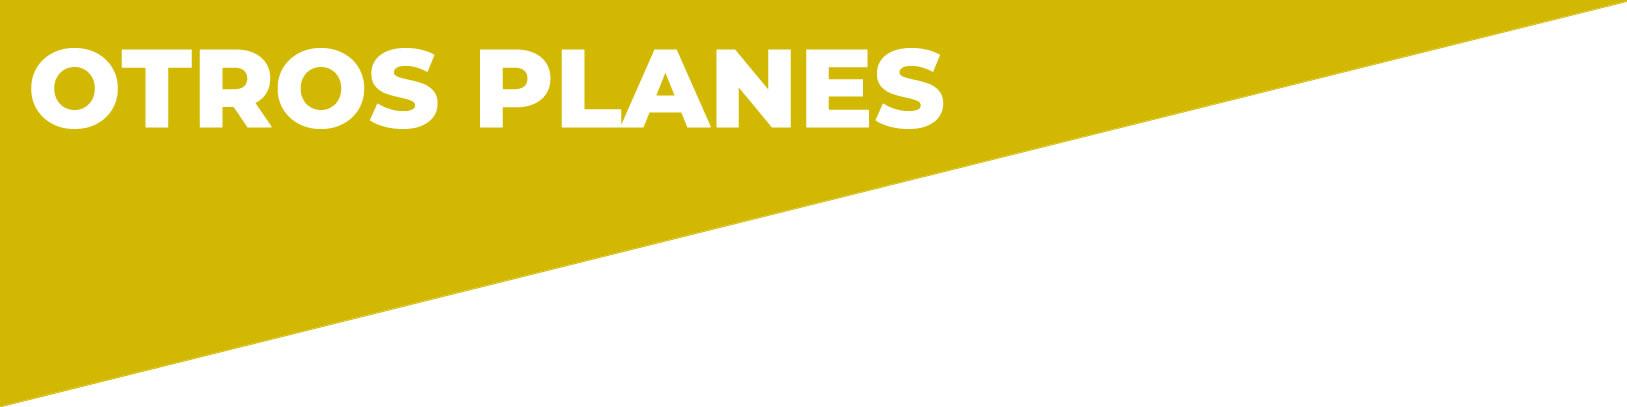 Nuestros Planes - Otros planesEstructuras